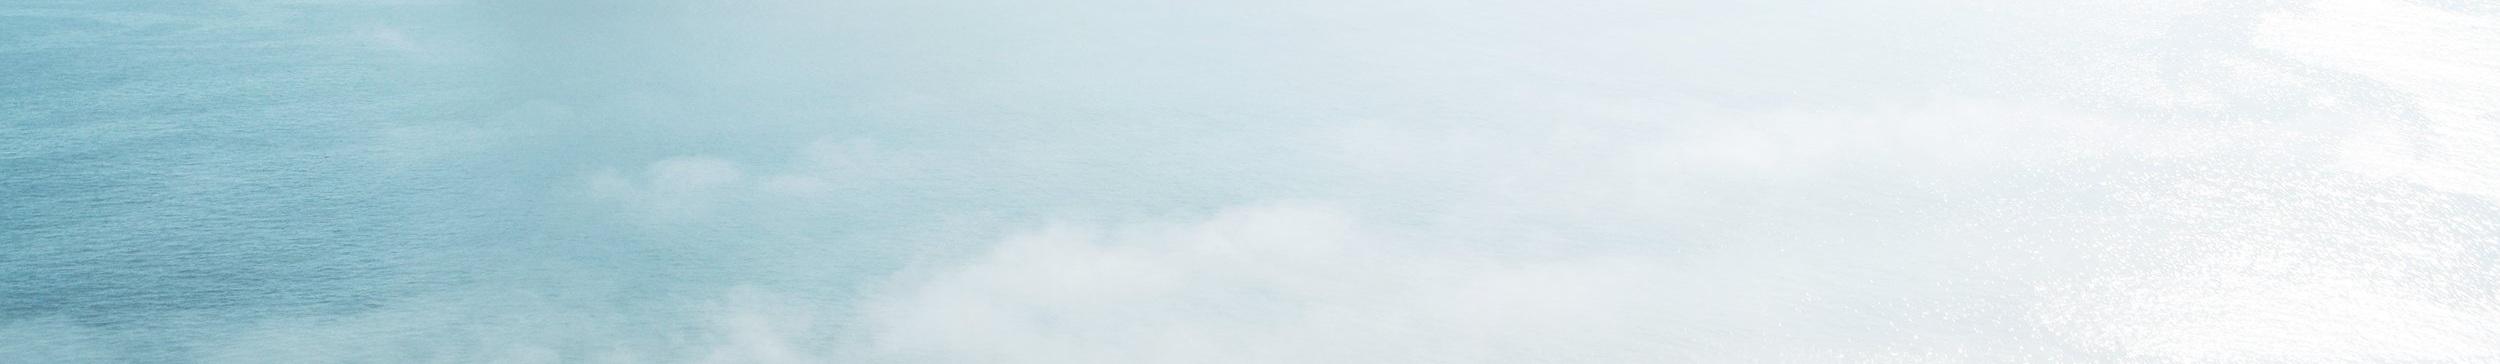 carolinie-cavalli-99609-unsplash.jpg